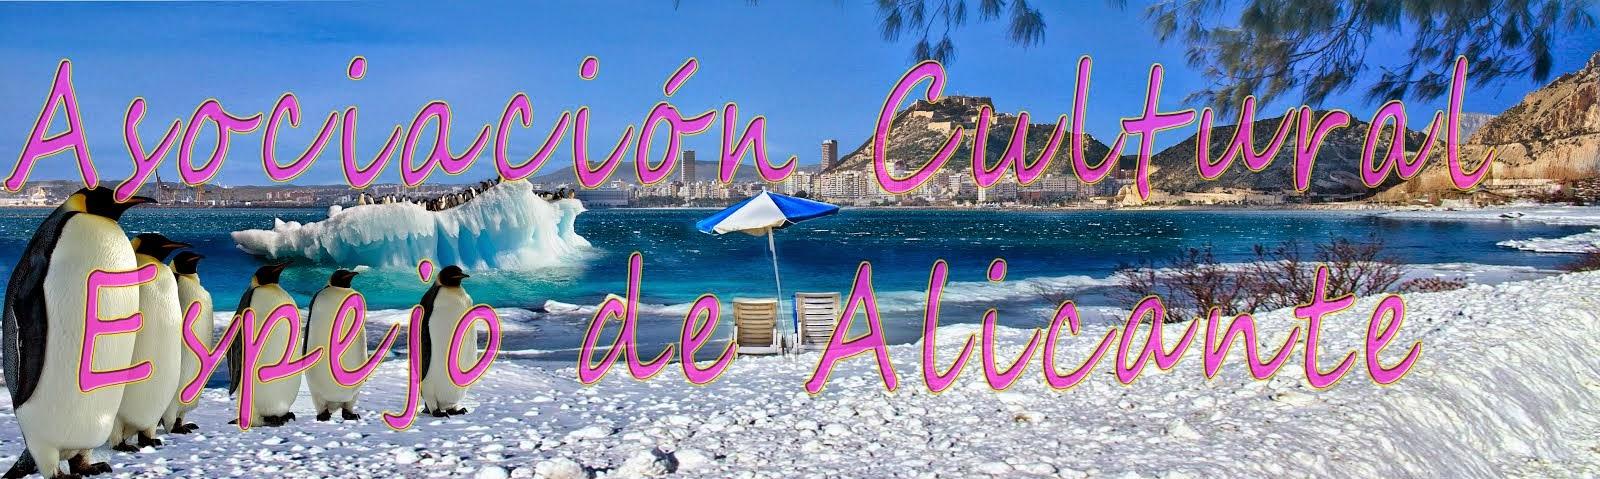 Espejo de Alicante